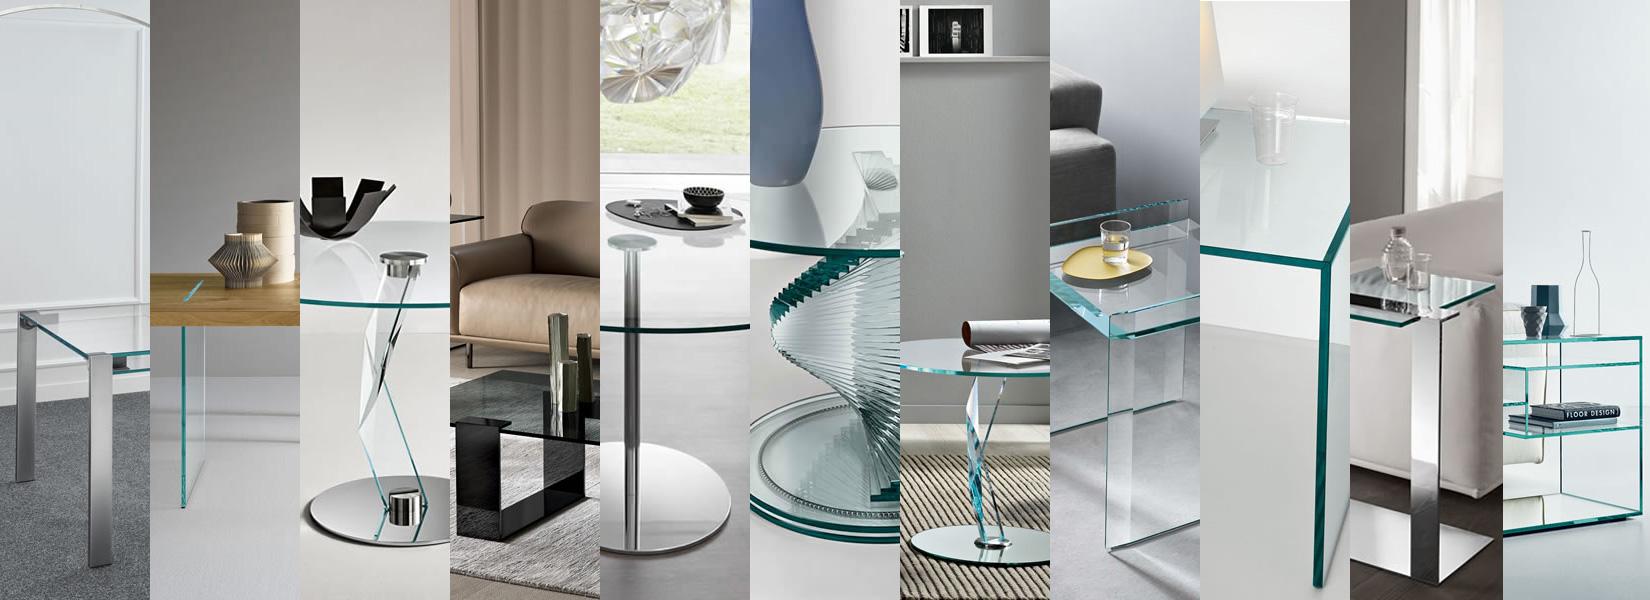 Tonelli-design-Quick-delivery-list